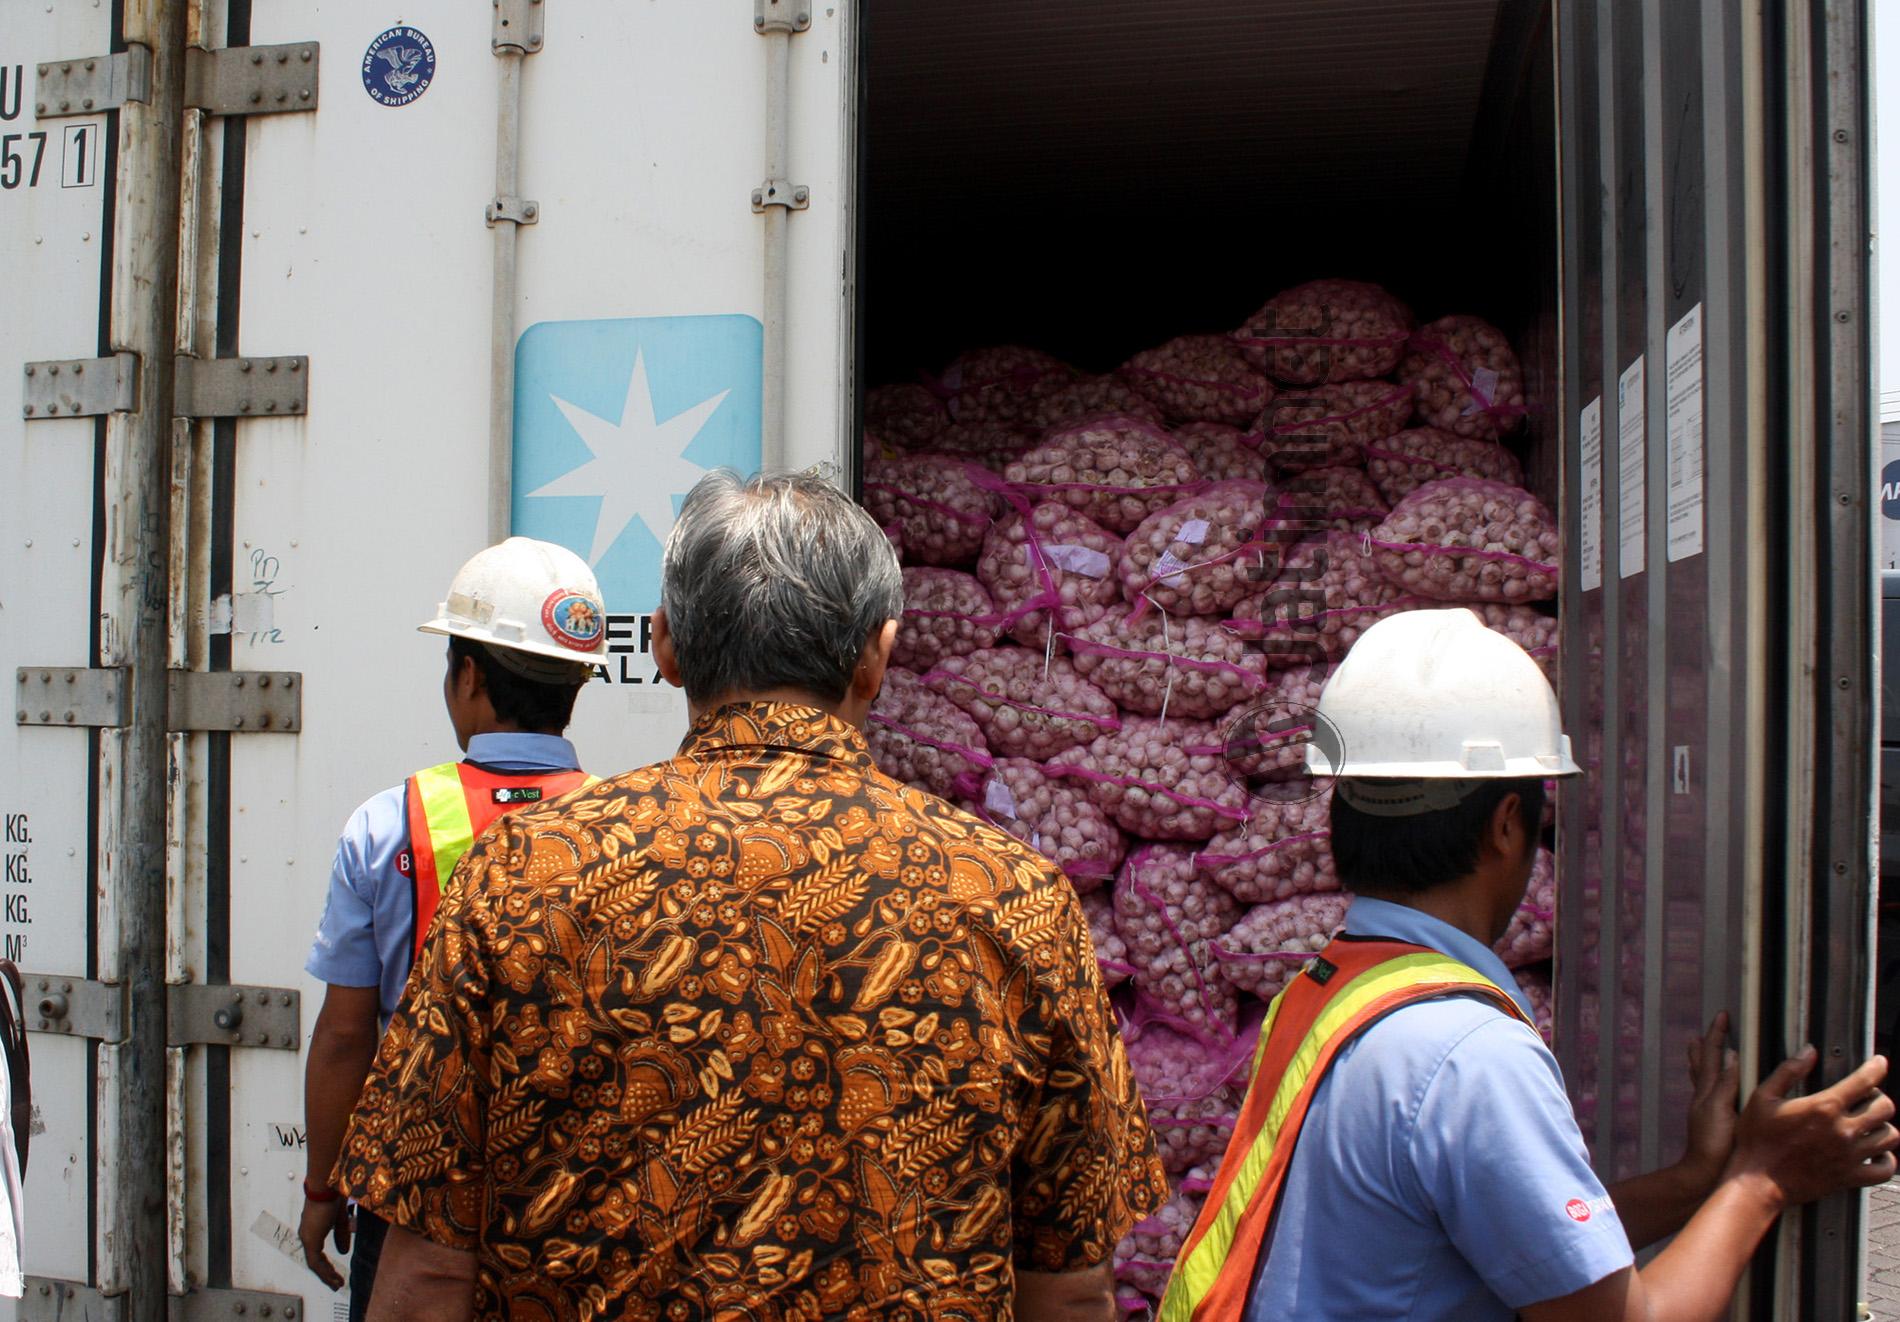 Bulog Impor Bawang Putih 100 Ribu Ton dari Cina